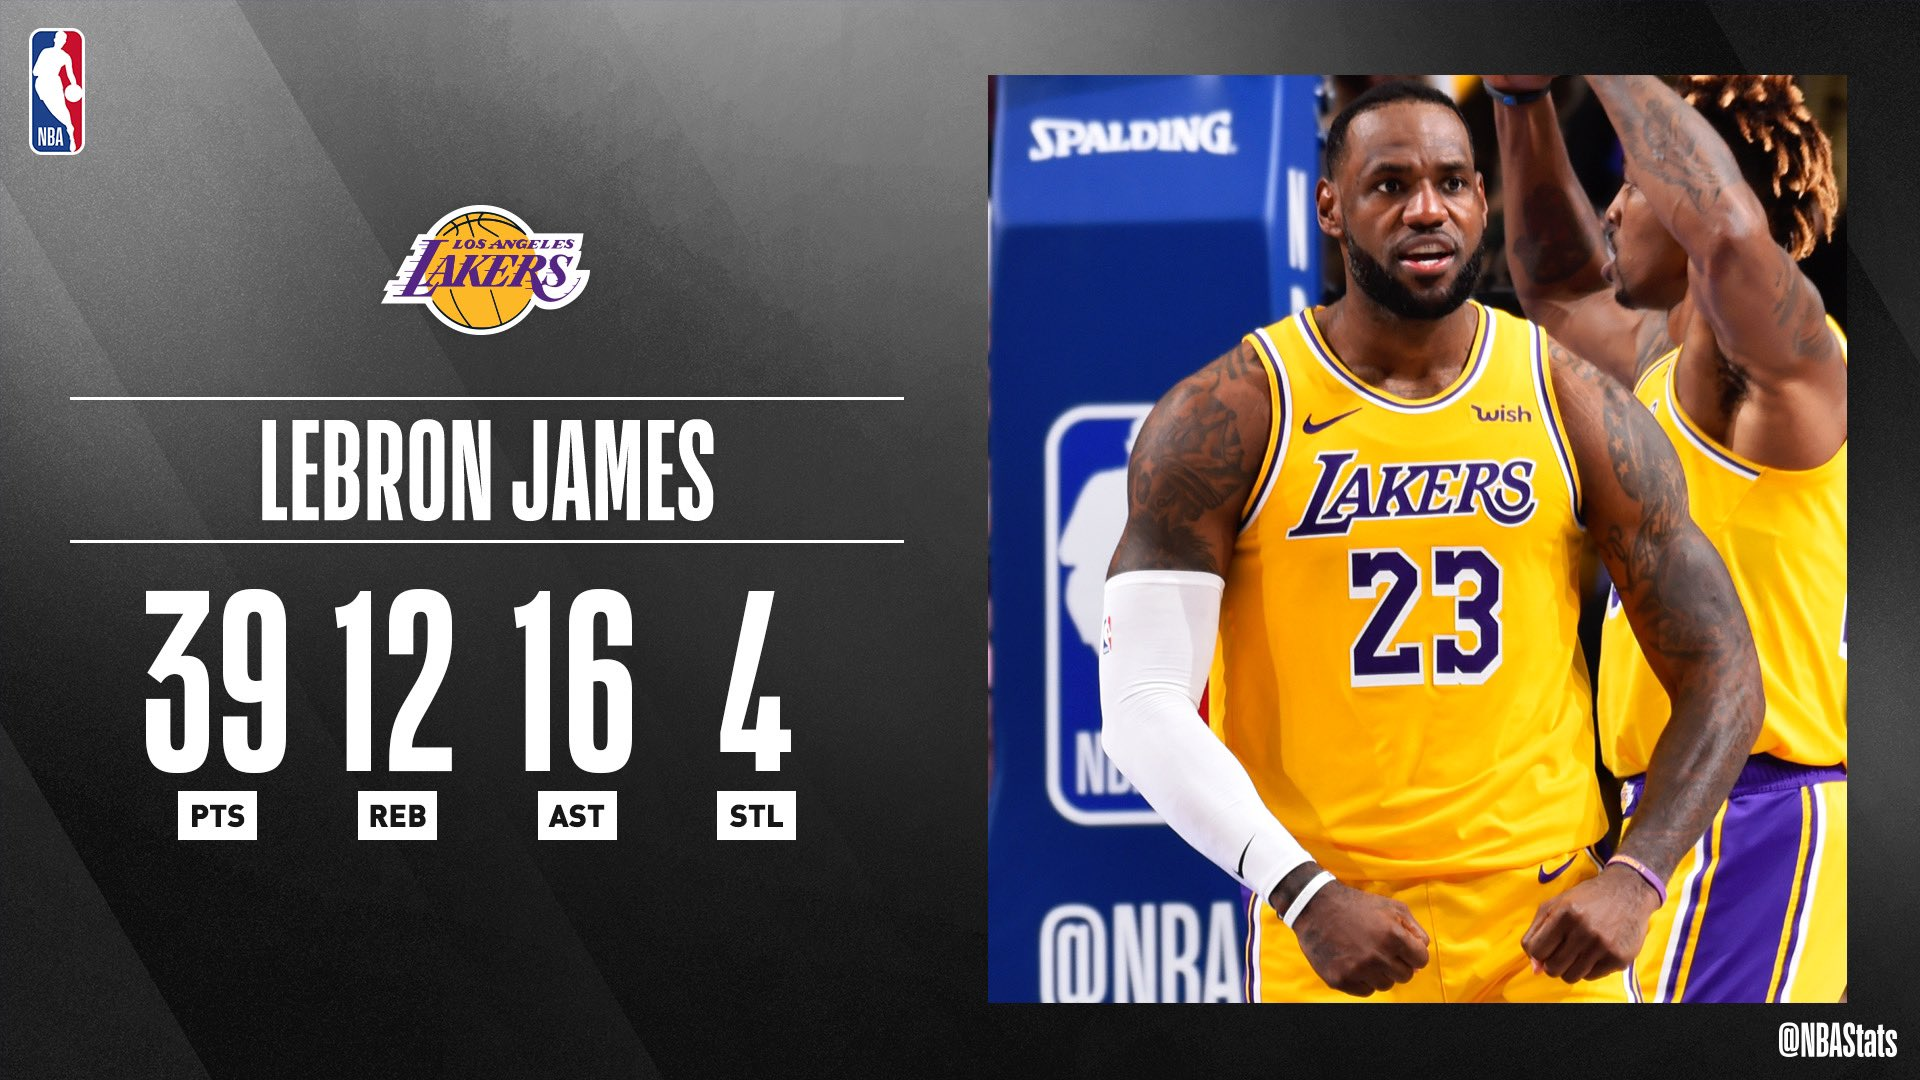 NBA官方评选最佳数据:詹姆斯39+12+16+4当选